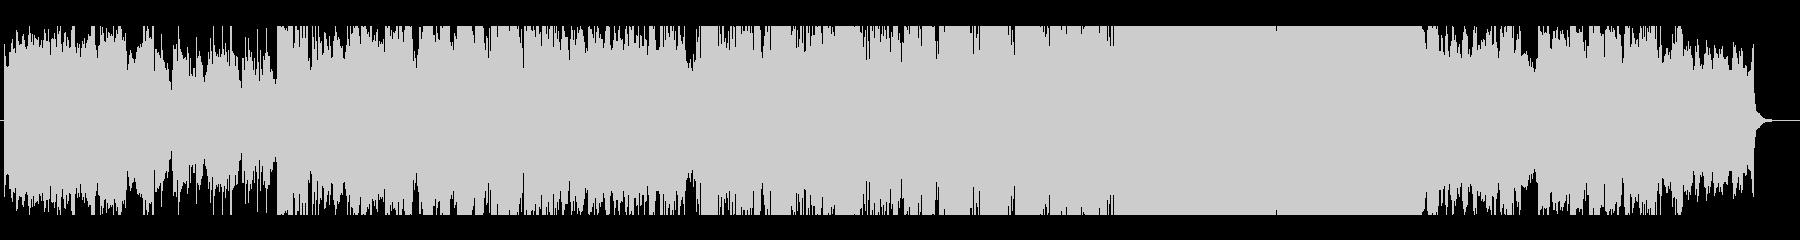 ファンタジー系の切ない主題歌の未再生の波形